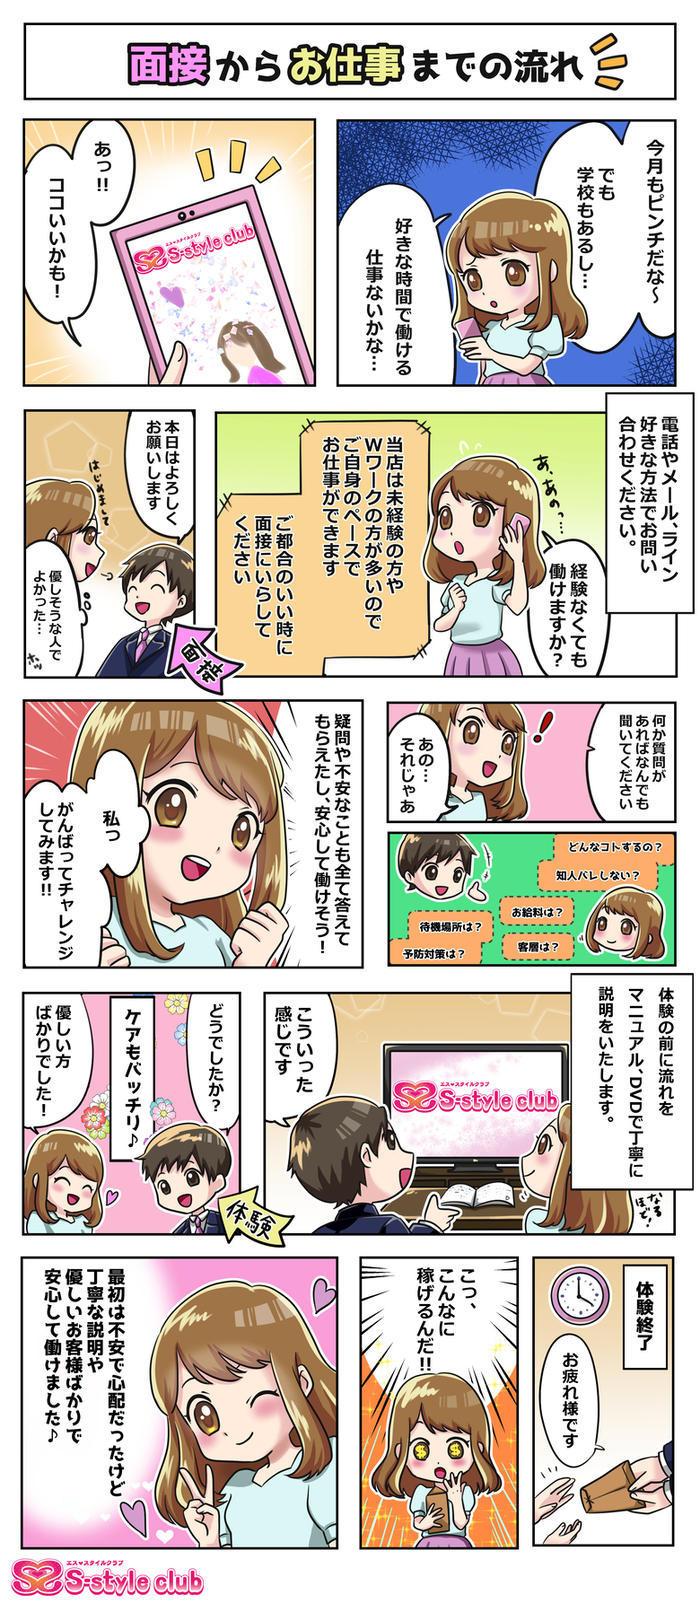 〜16周年特別企画!【先着16名様に16万円プレゼント♪】〜